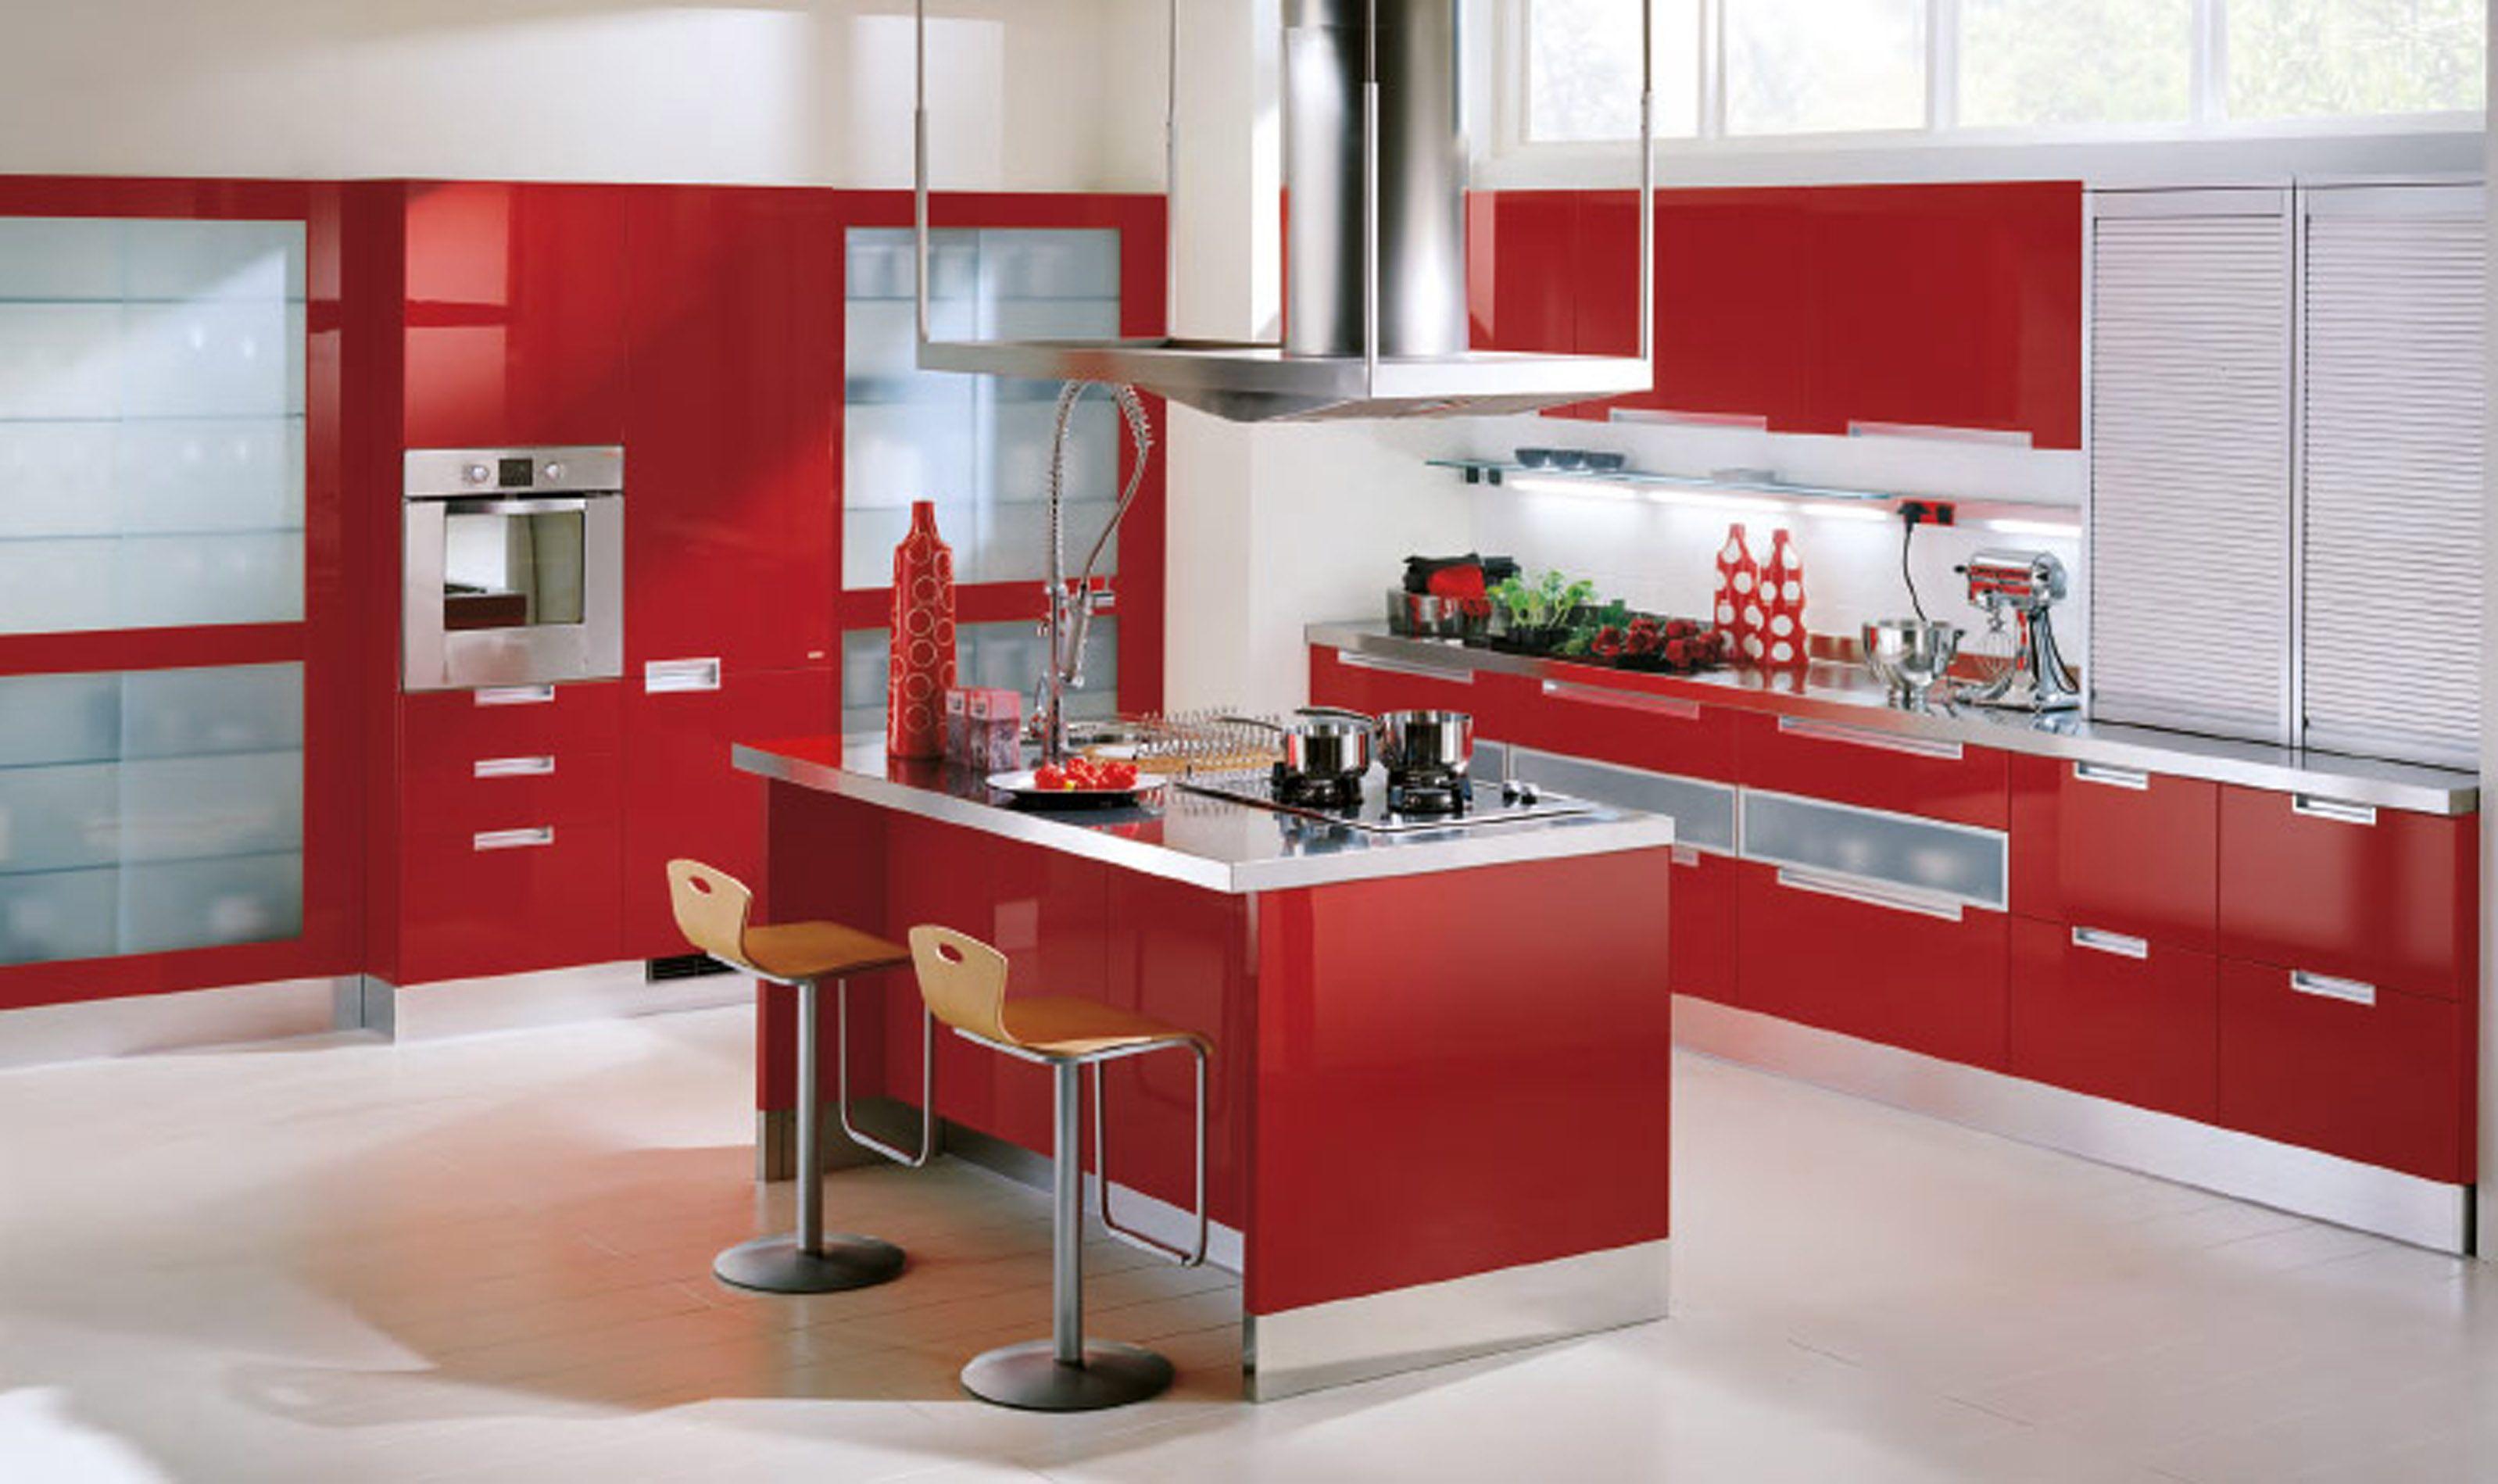 Erkunde Fassaden, Moderne Küchen Und Noch Mehr!